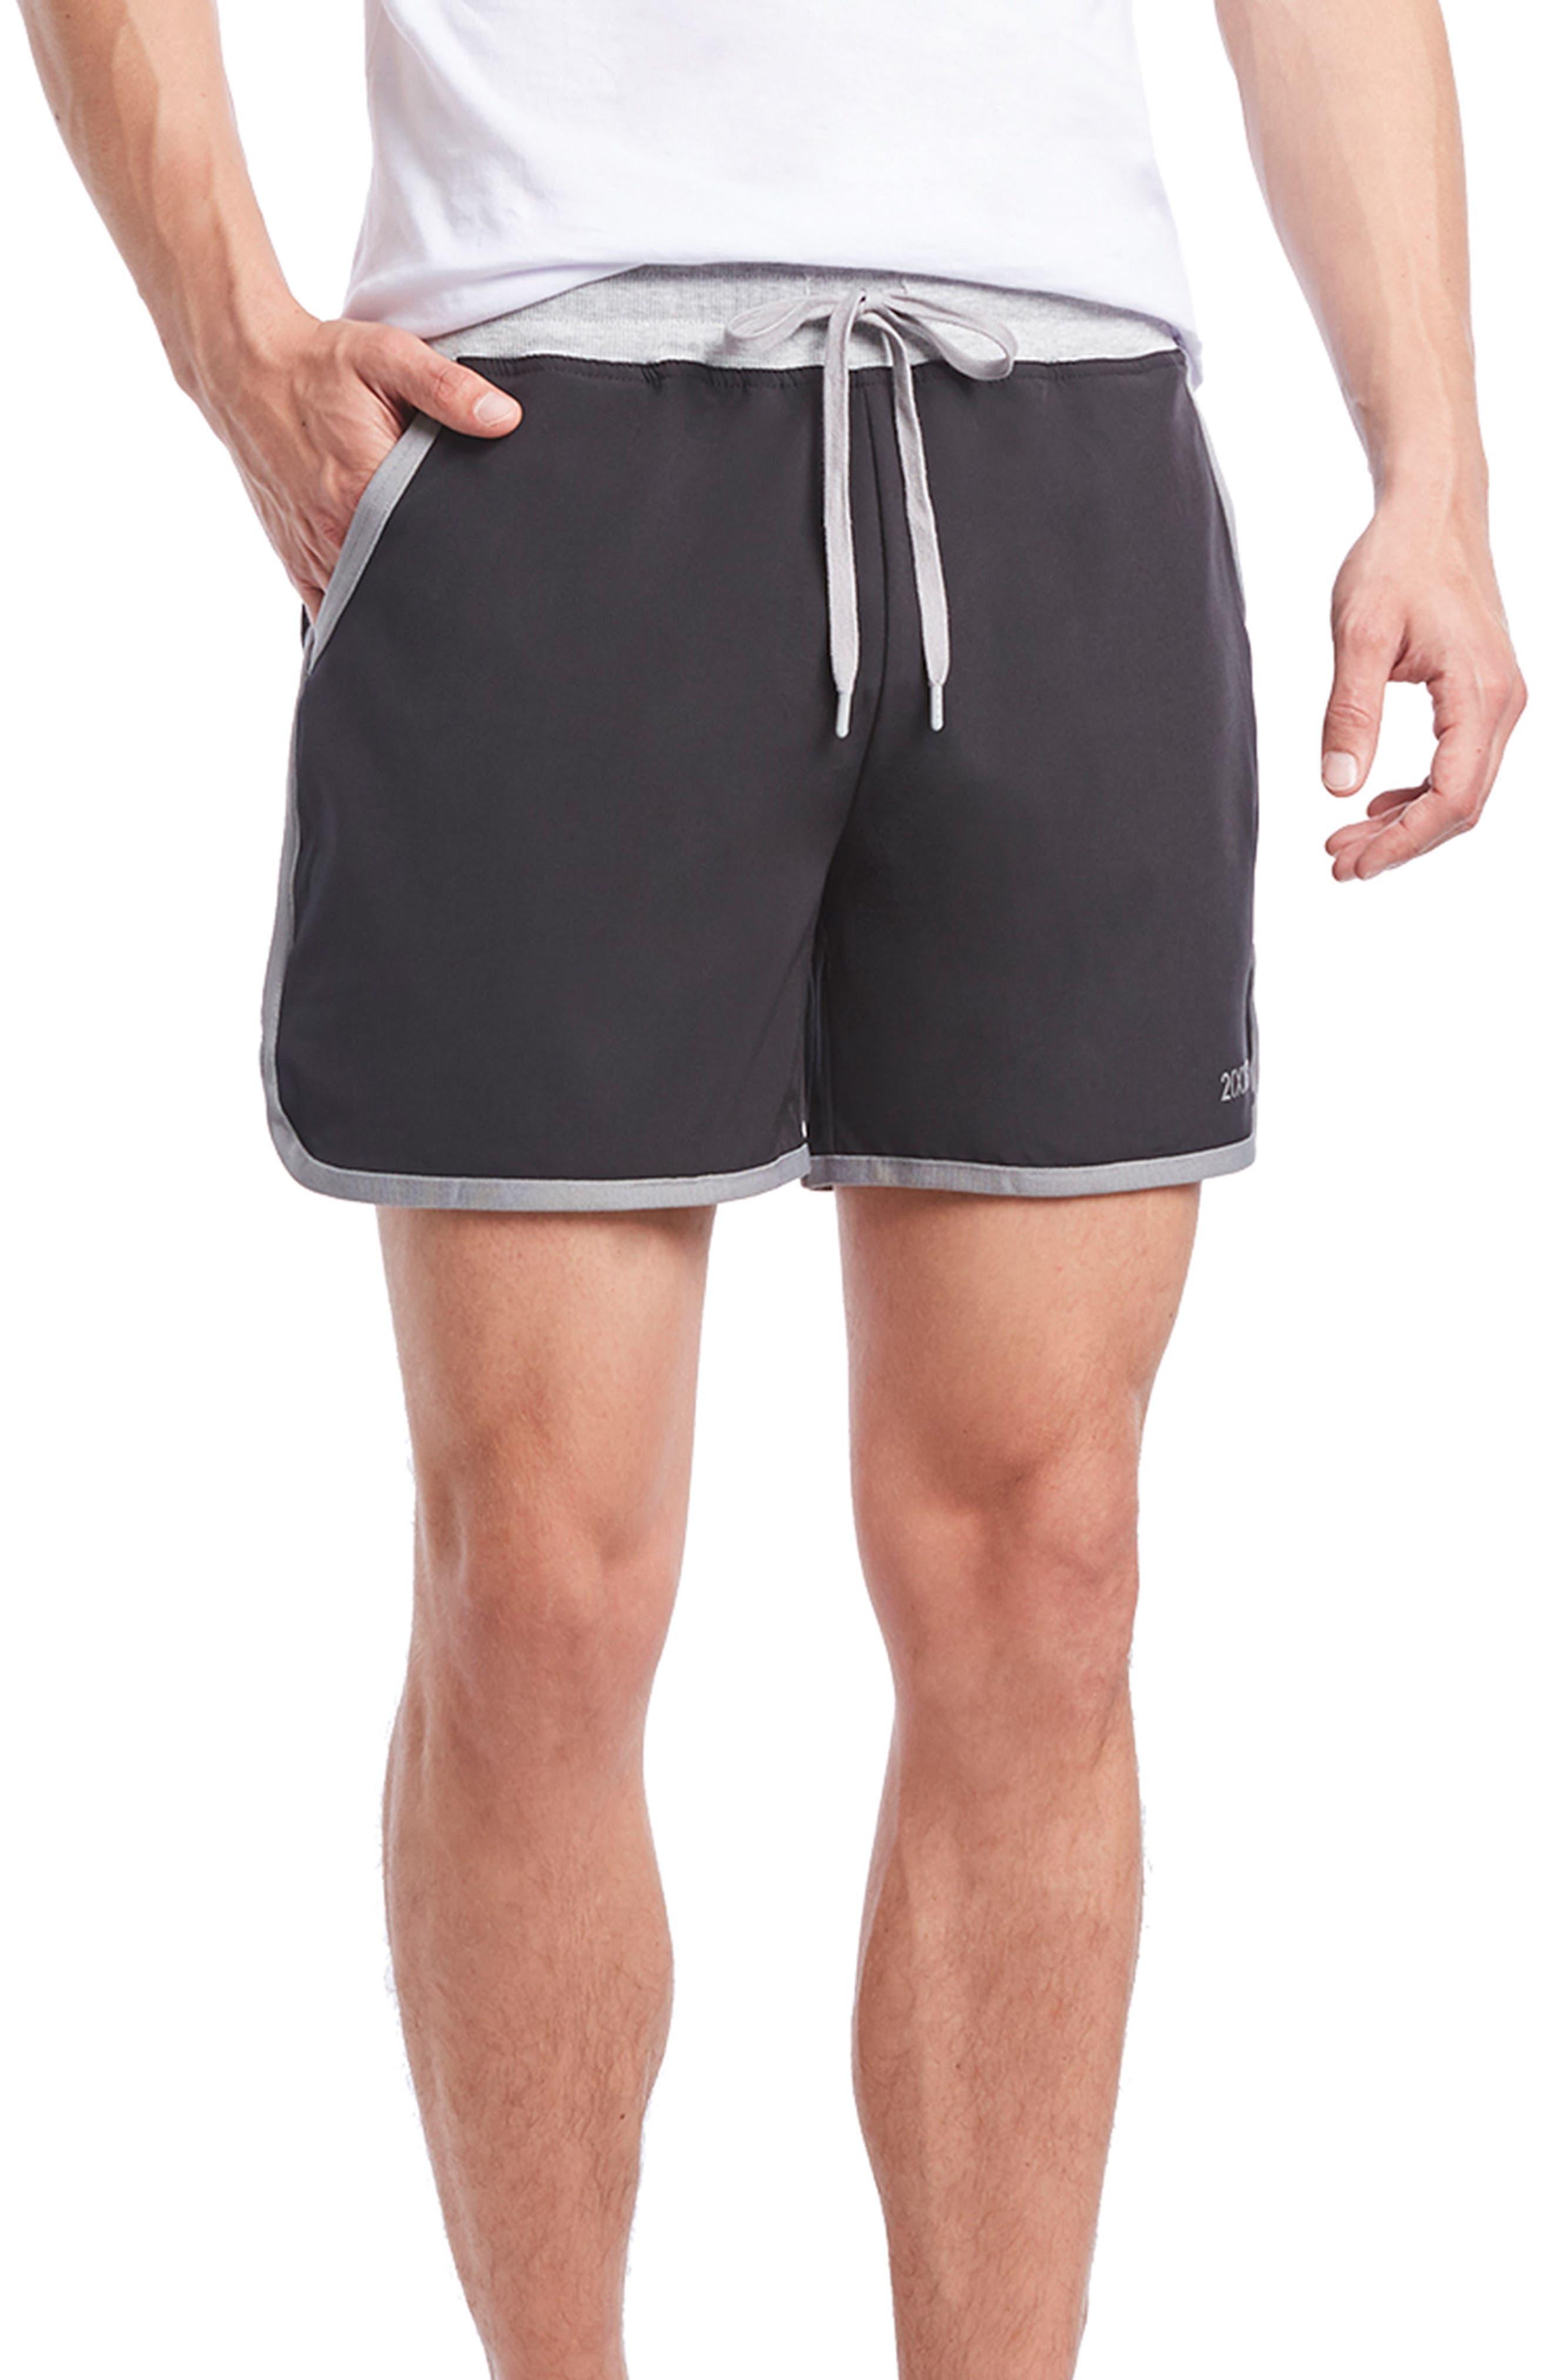 Performance Jogger Shorts,                             Main thumbnail 1, color,                             BLACK/ EARL GREY